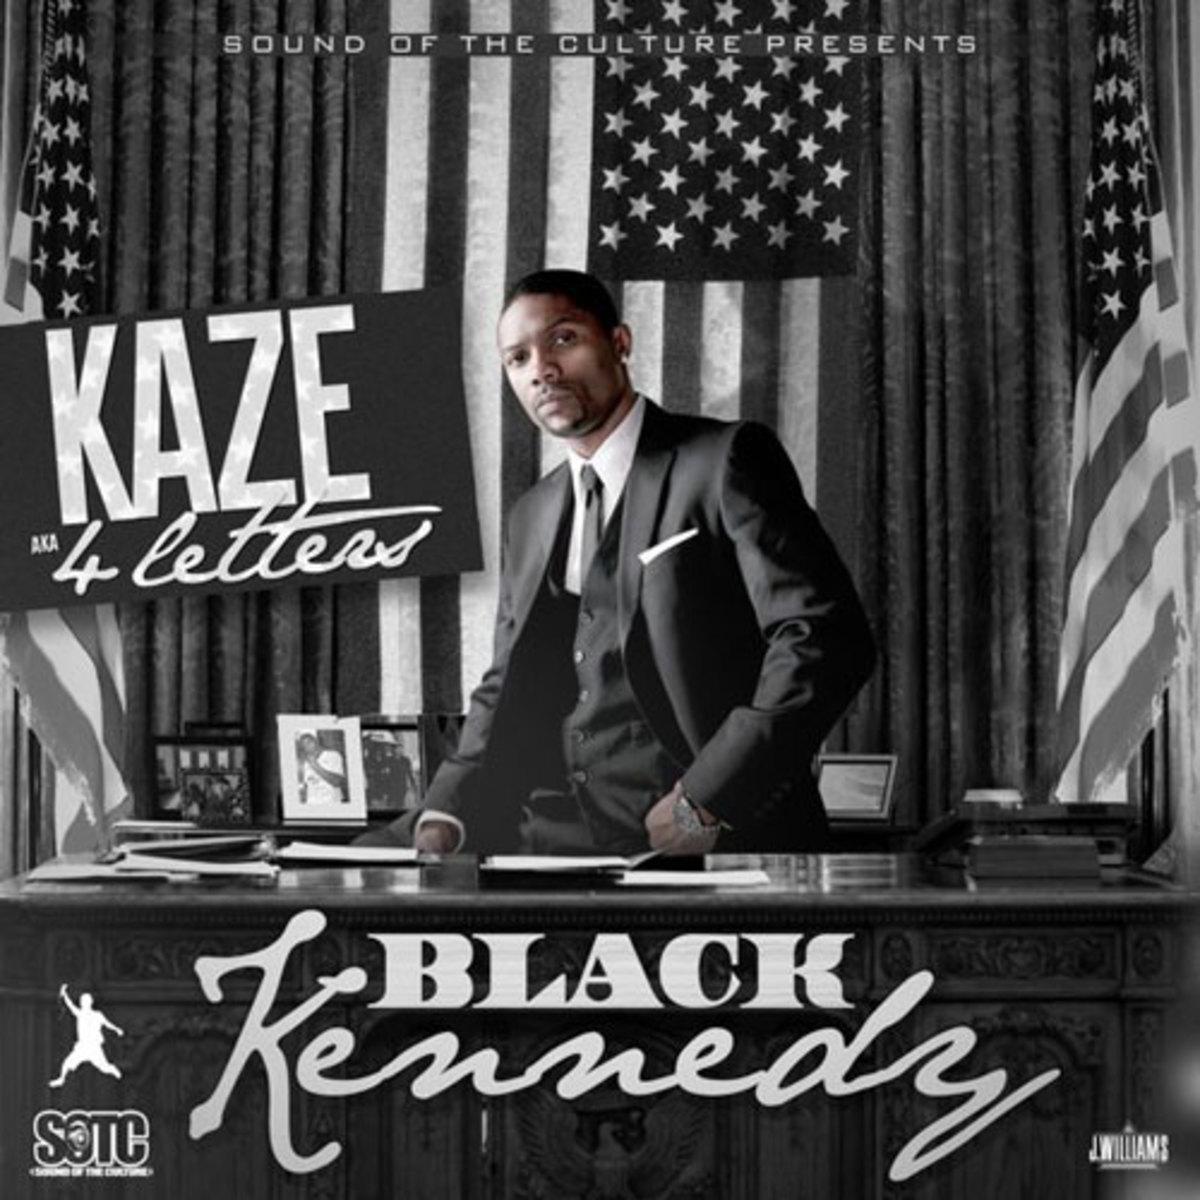 kaze-blackkennedy.jpg